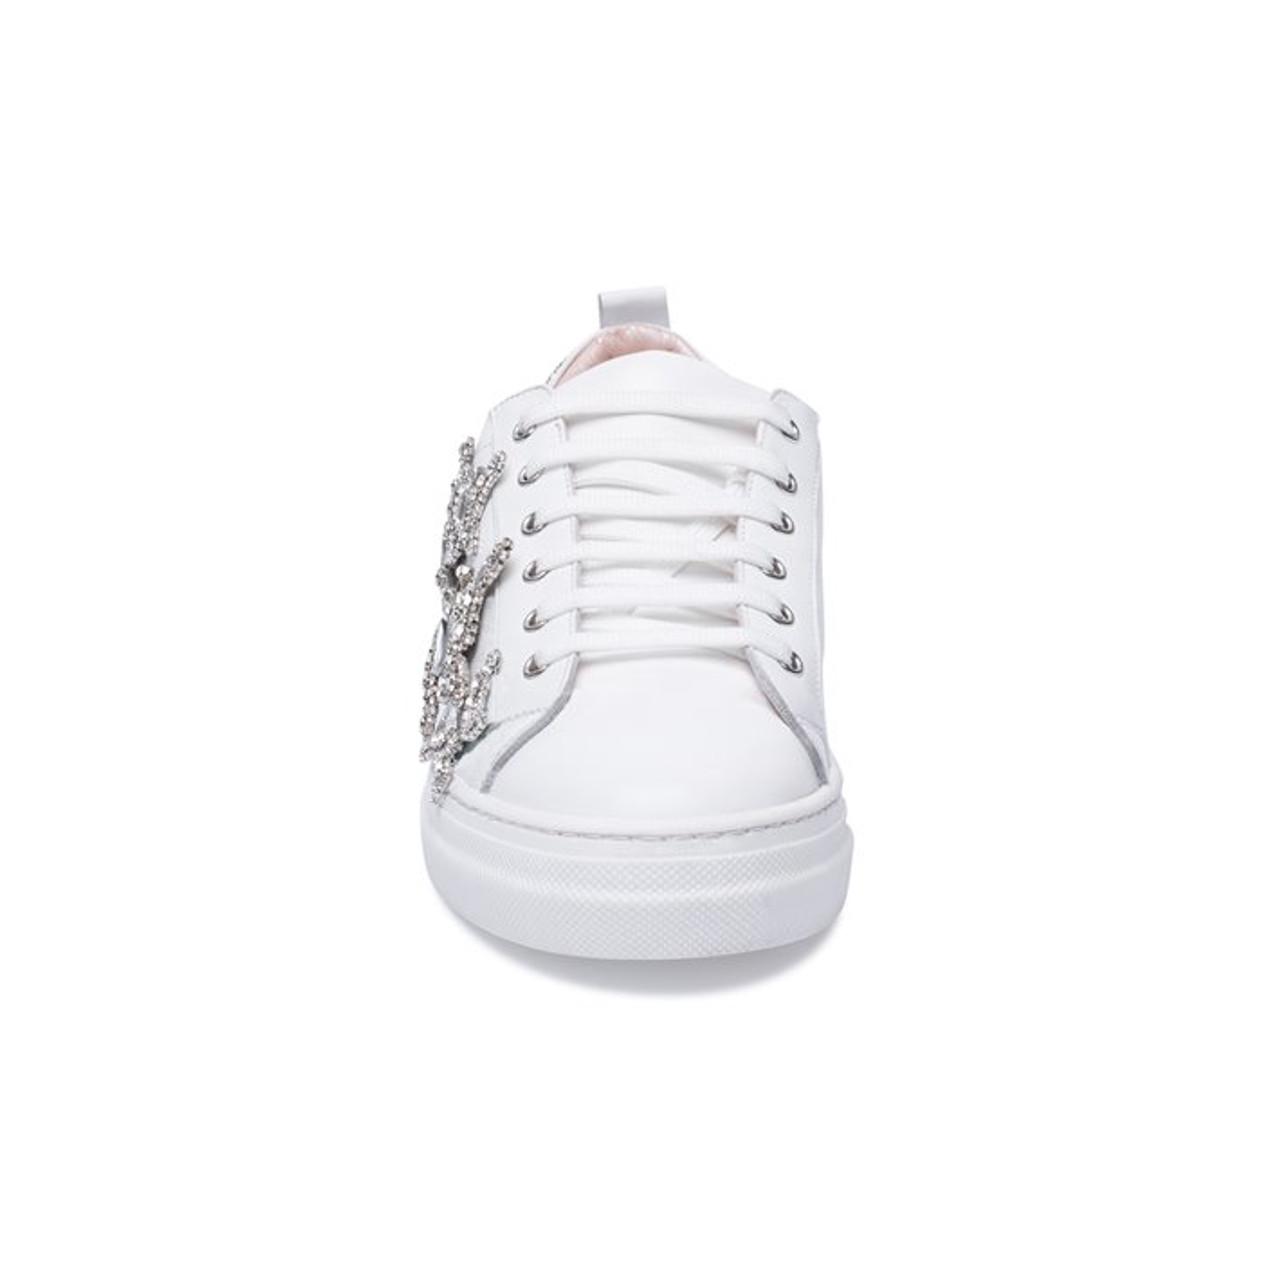 Jet Sneaker White